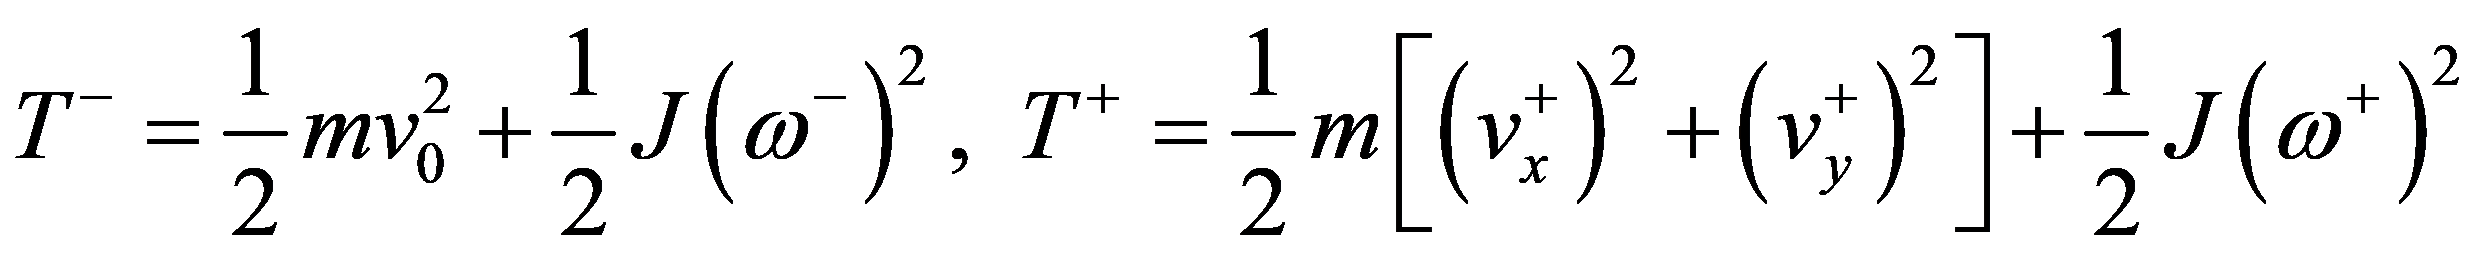 kane13.png